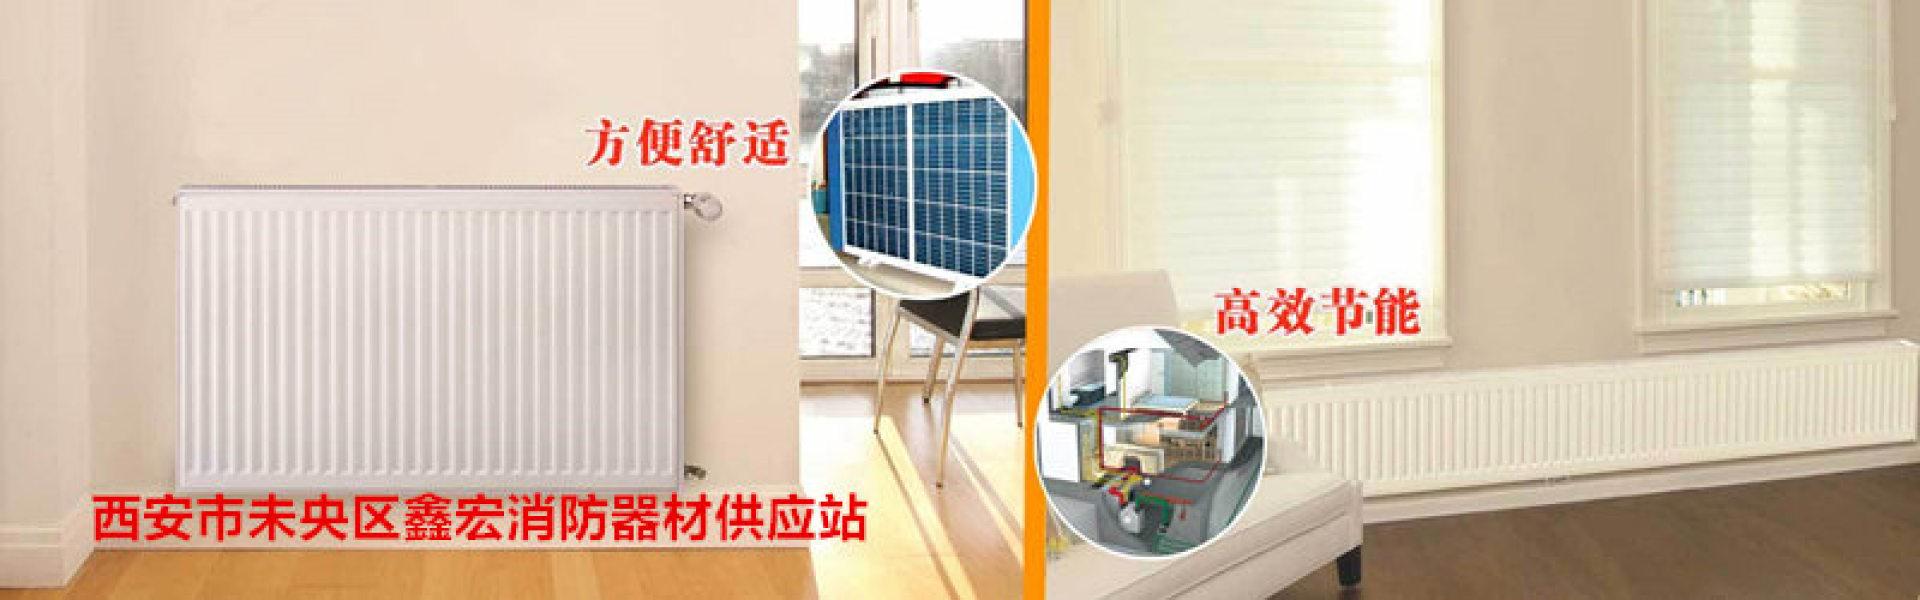 陕西碳纤维电地暖